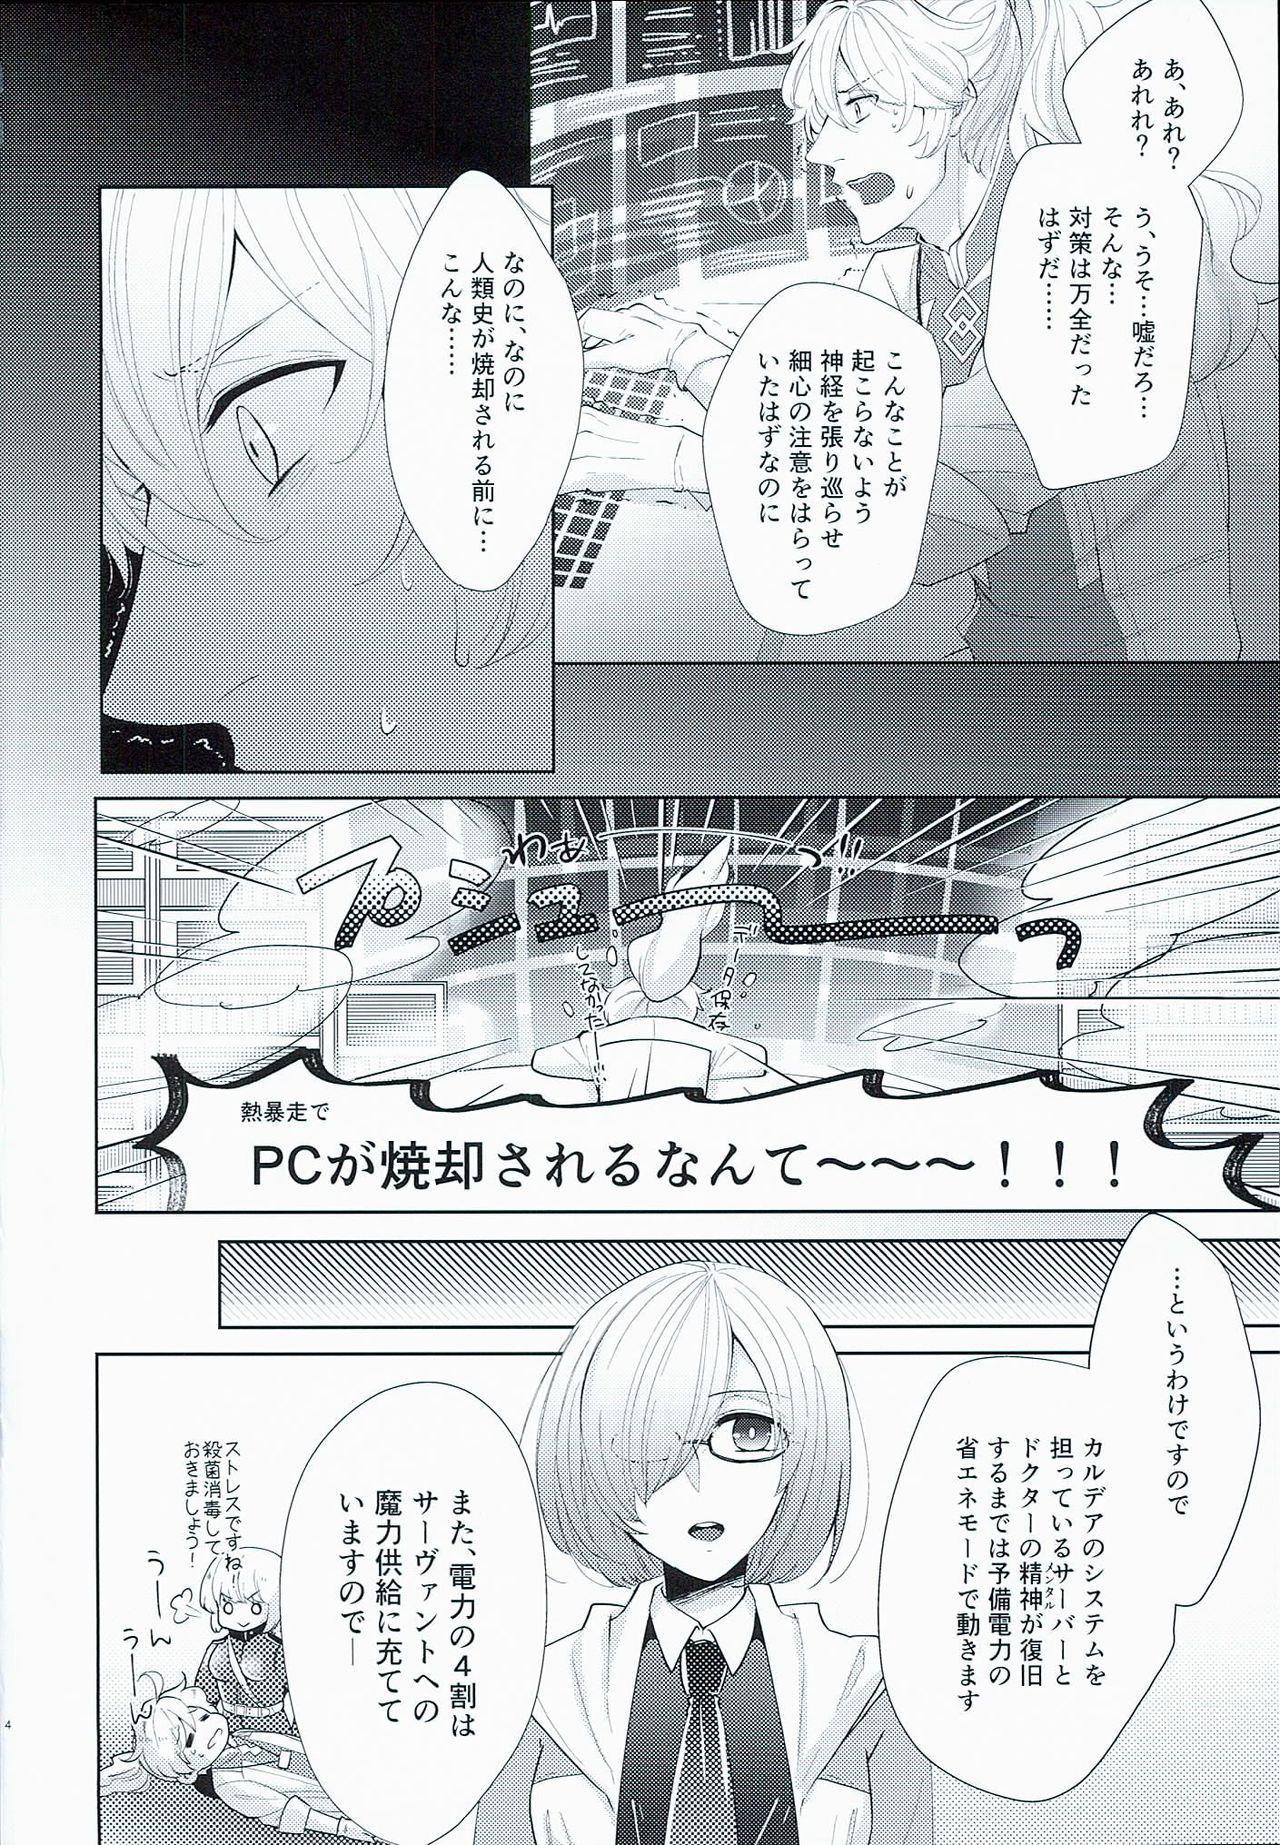 (Ou no Utsuwa 14) [Sepia Concerto (Tsumugi)] Emiya-san-chi no Oyakodon (Fate/Grand Order) 3